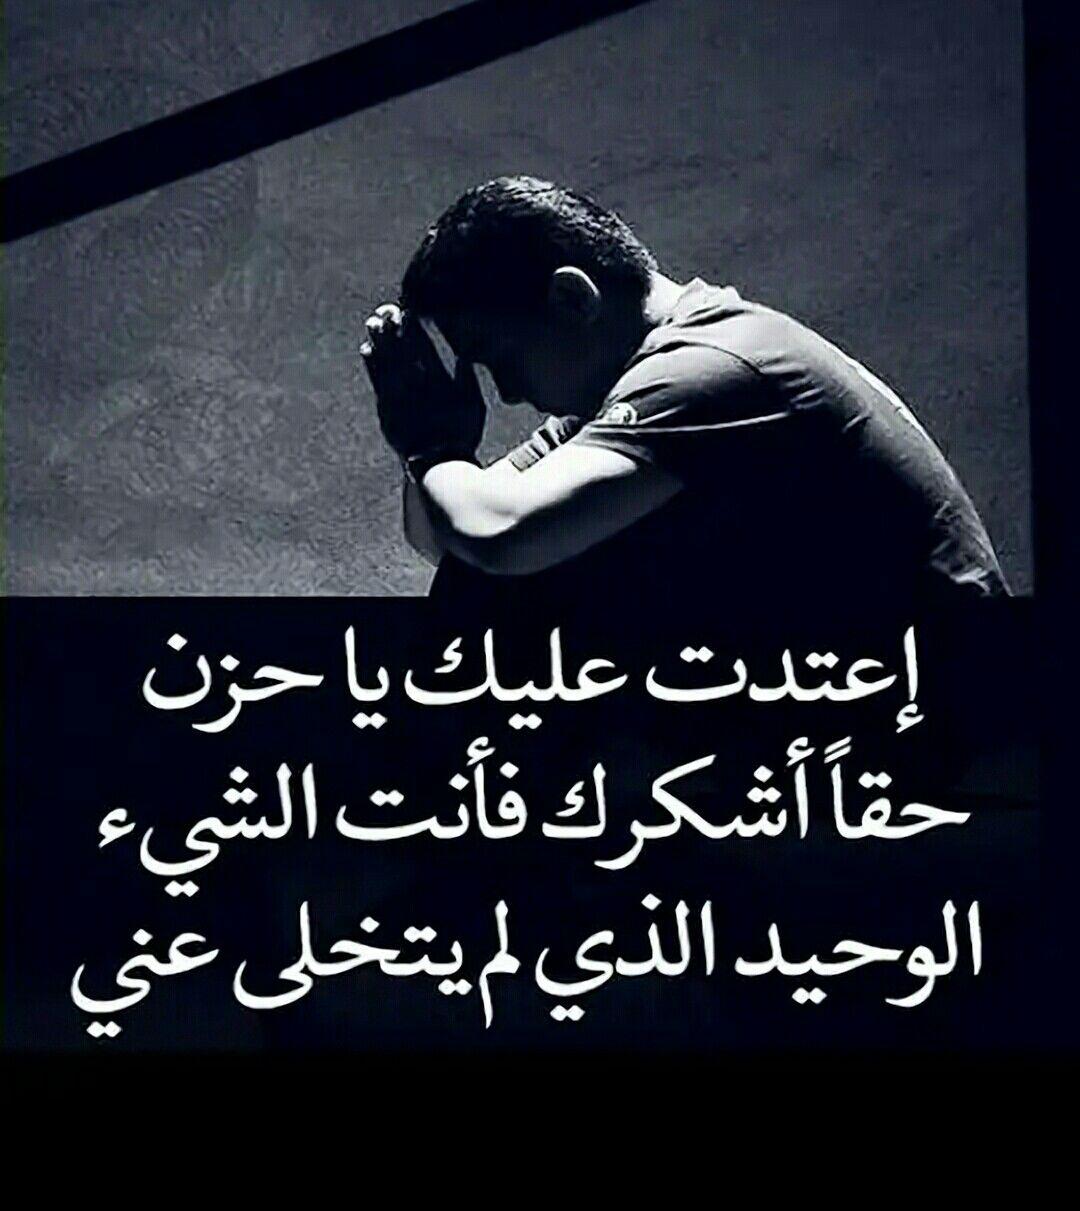 بالصور كلام حزين للحبيب , صور حزينه للحبيب 3489